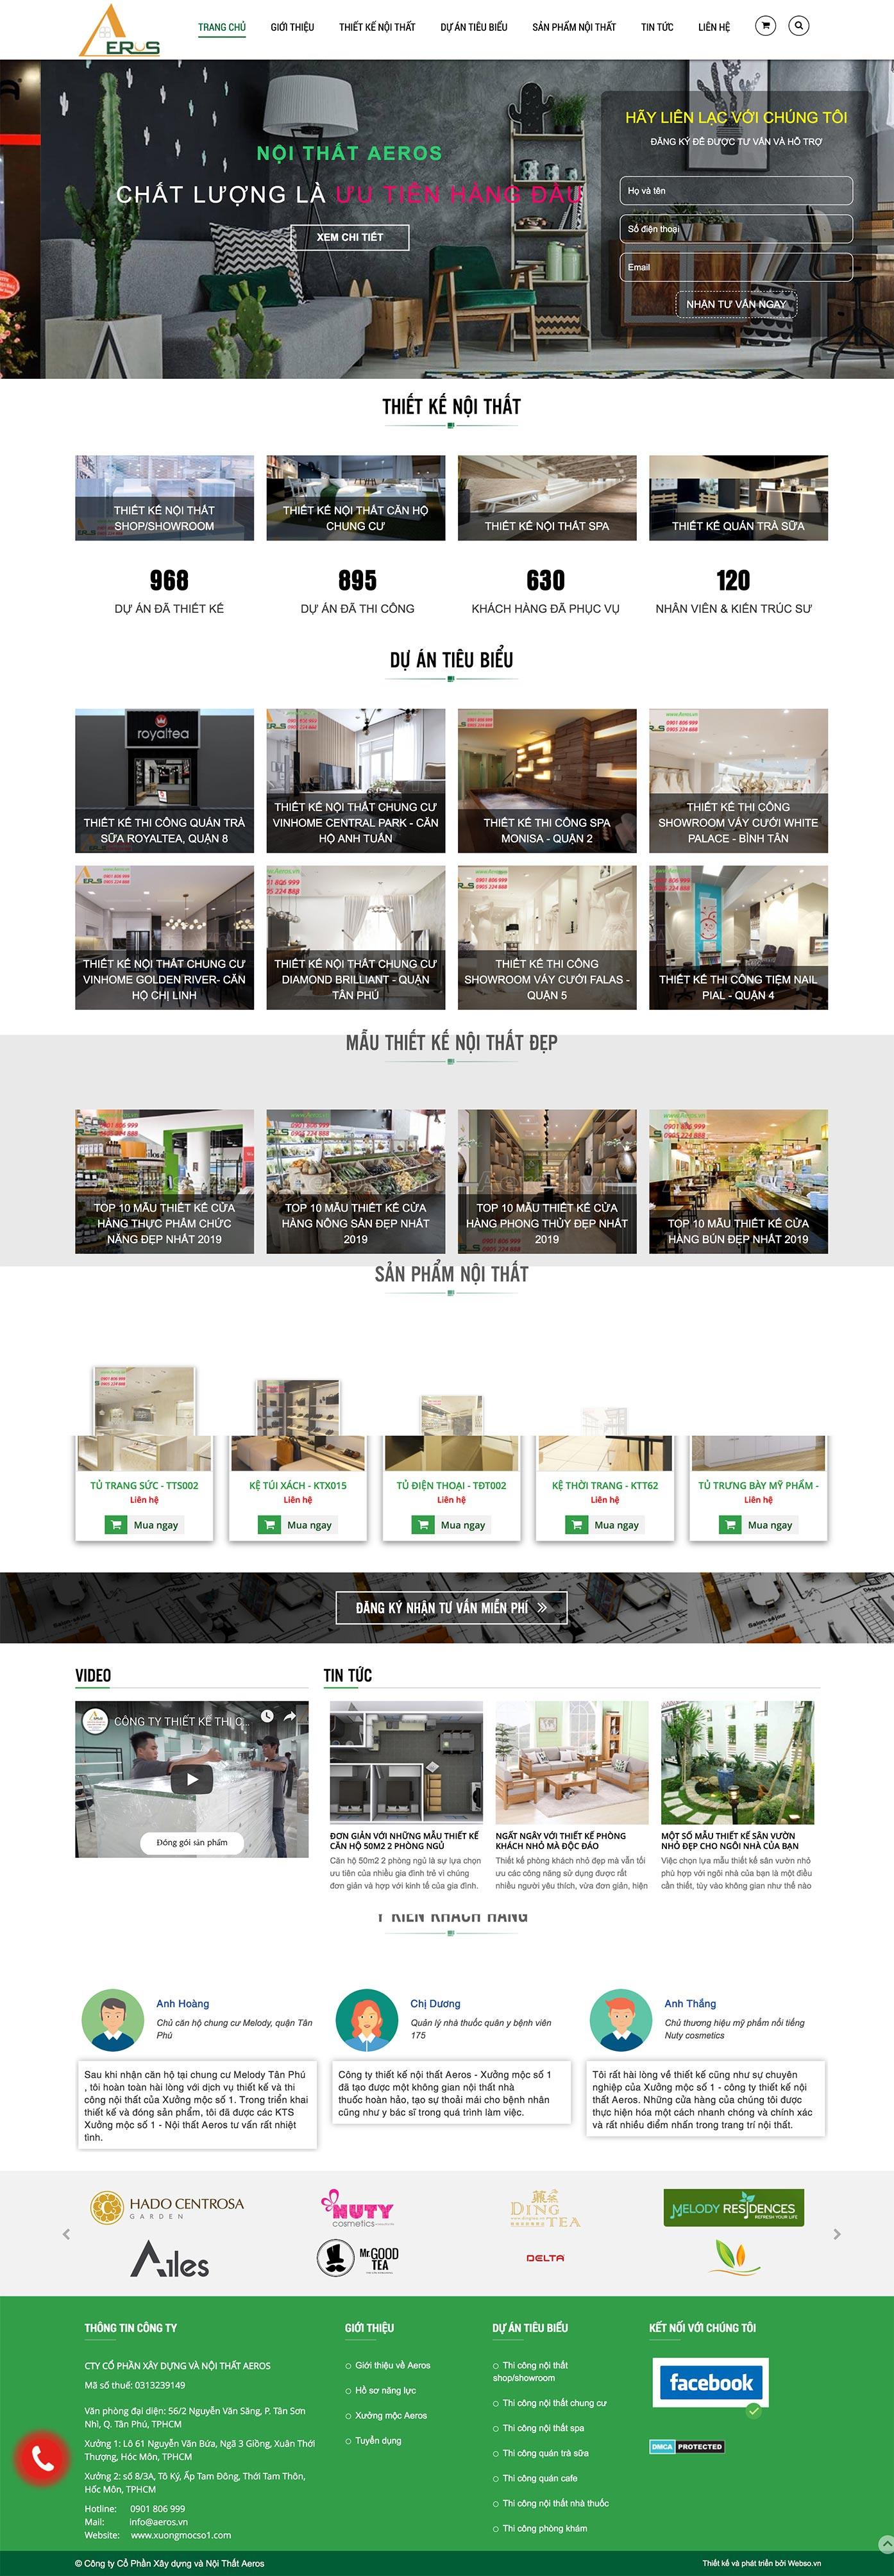 Mẫu website thiết kế nội thất 13511